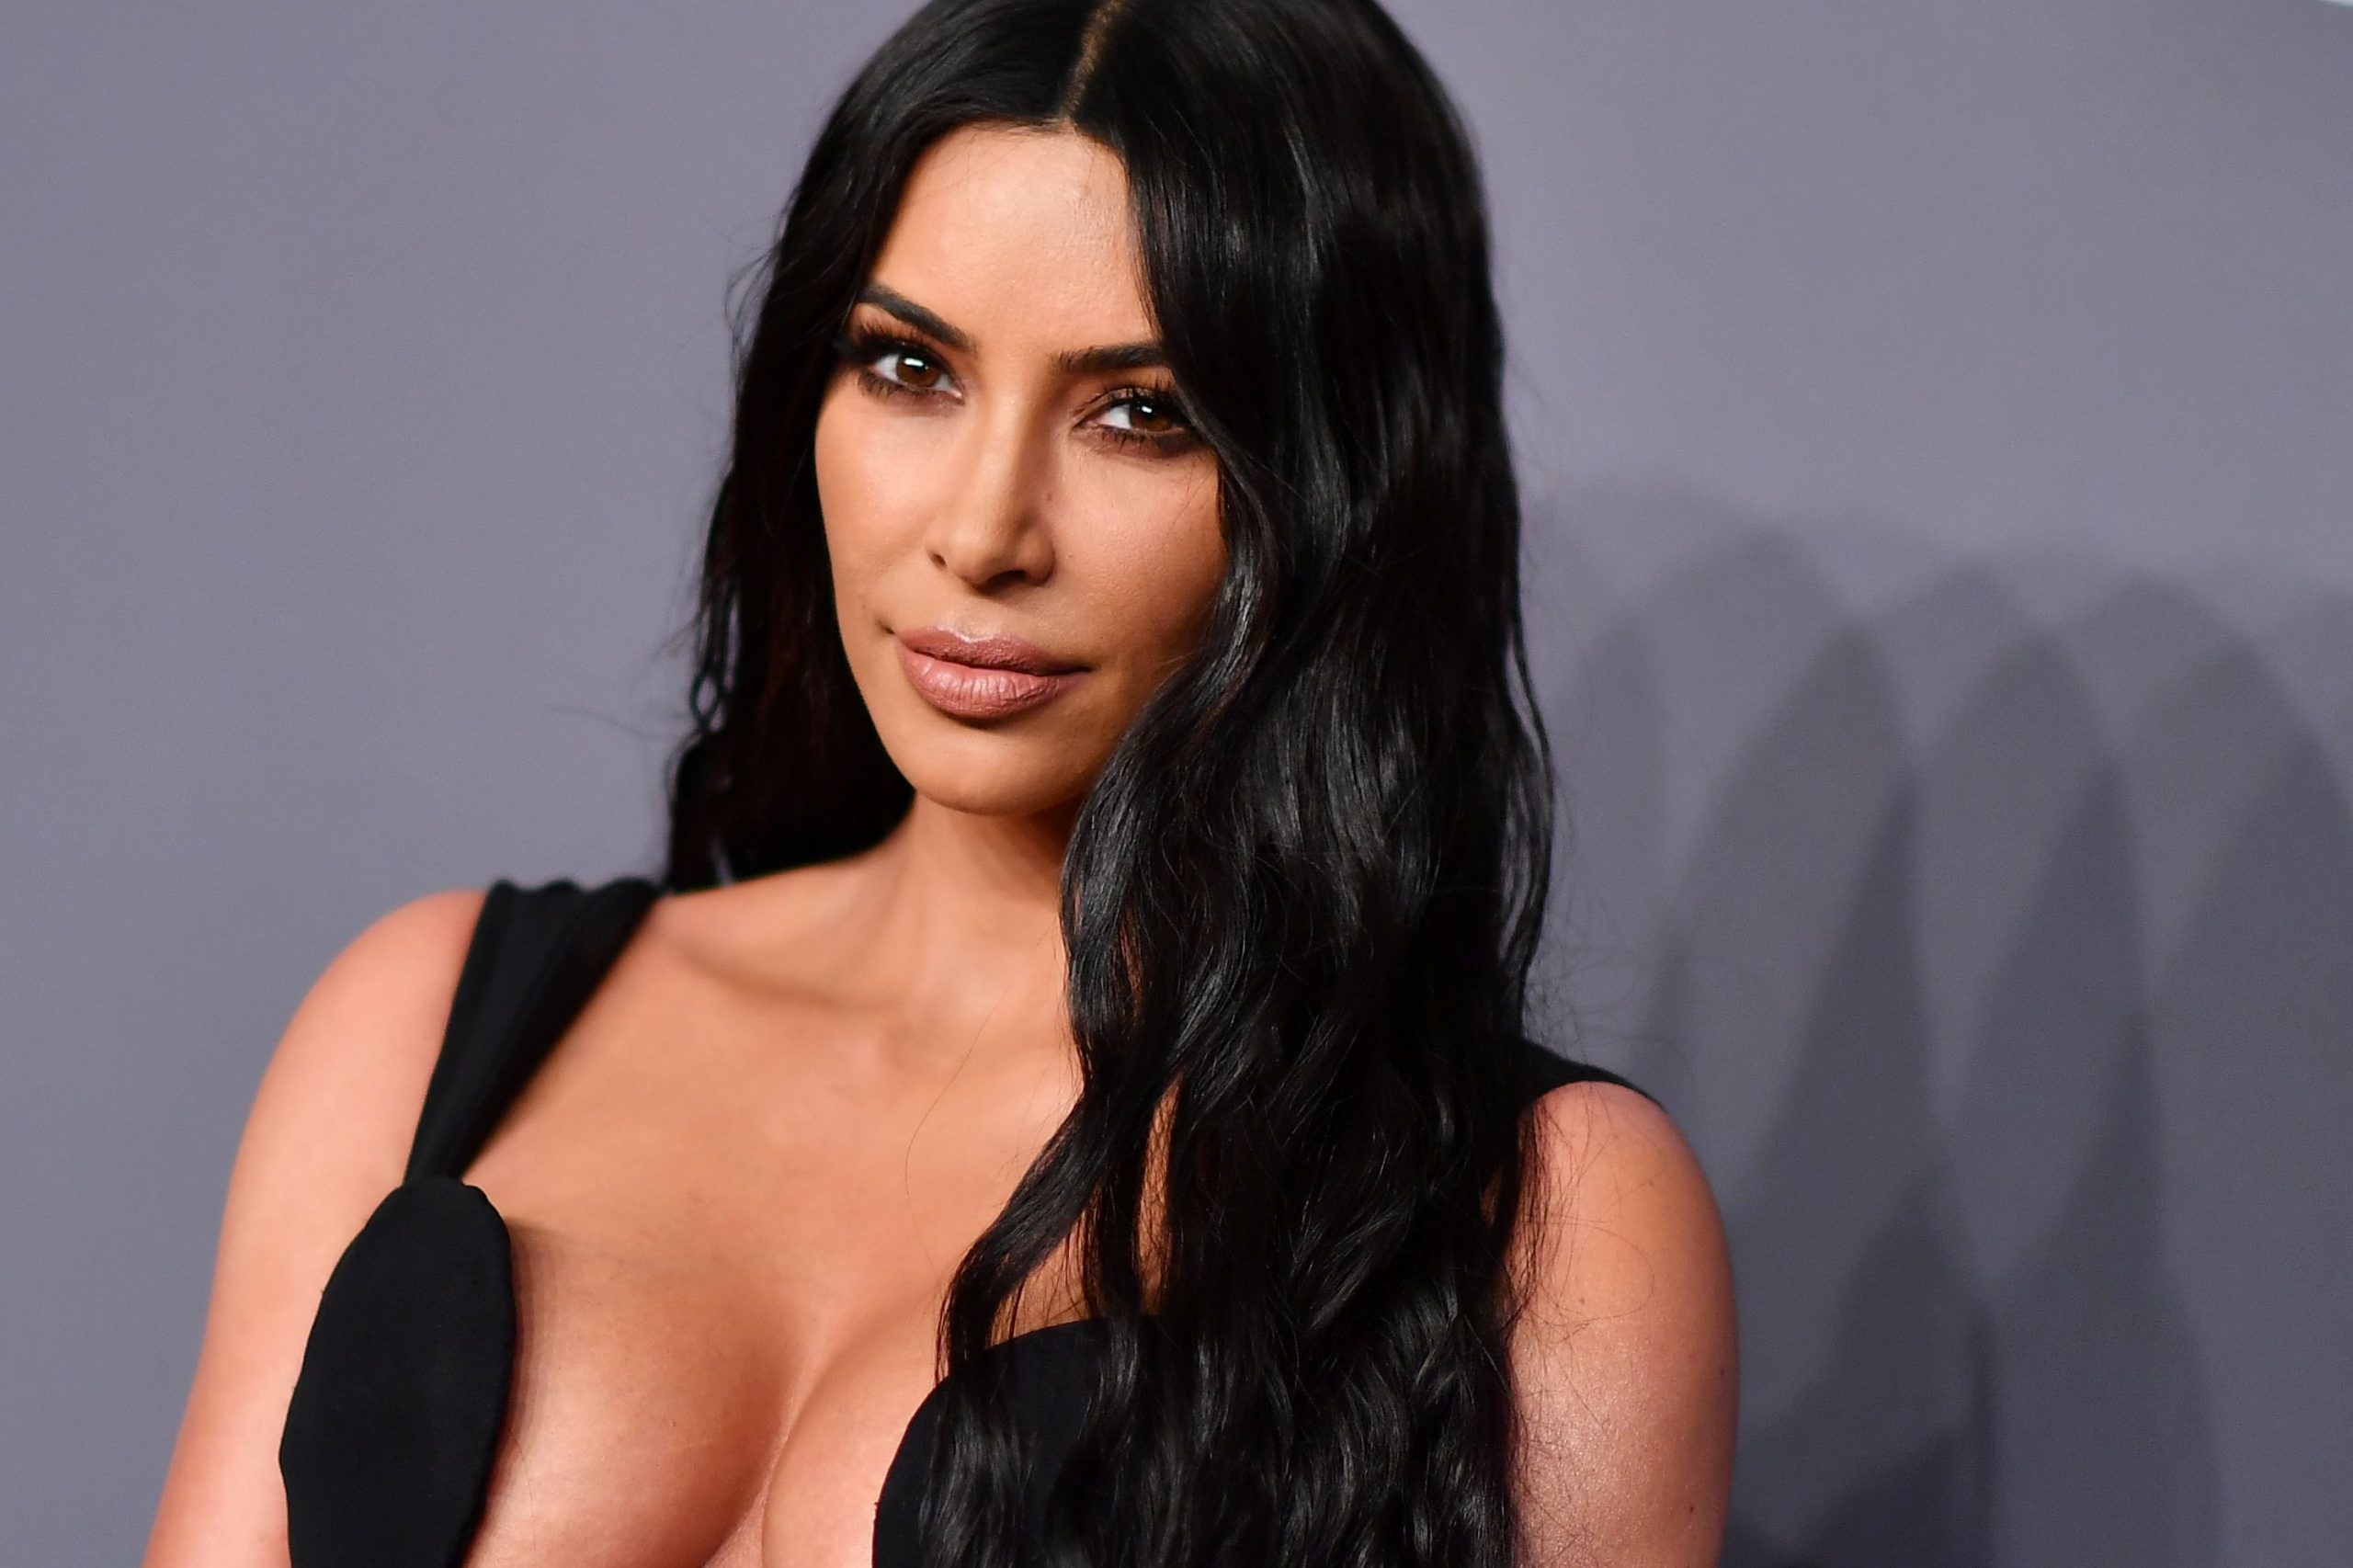 Scoppia la polemica per Kim Kardashian: affitta jet per festa a Tahiti nonostante restrizioni legate alla pandemia